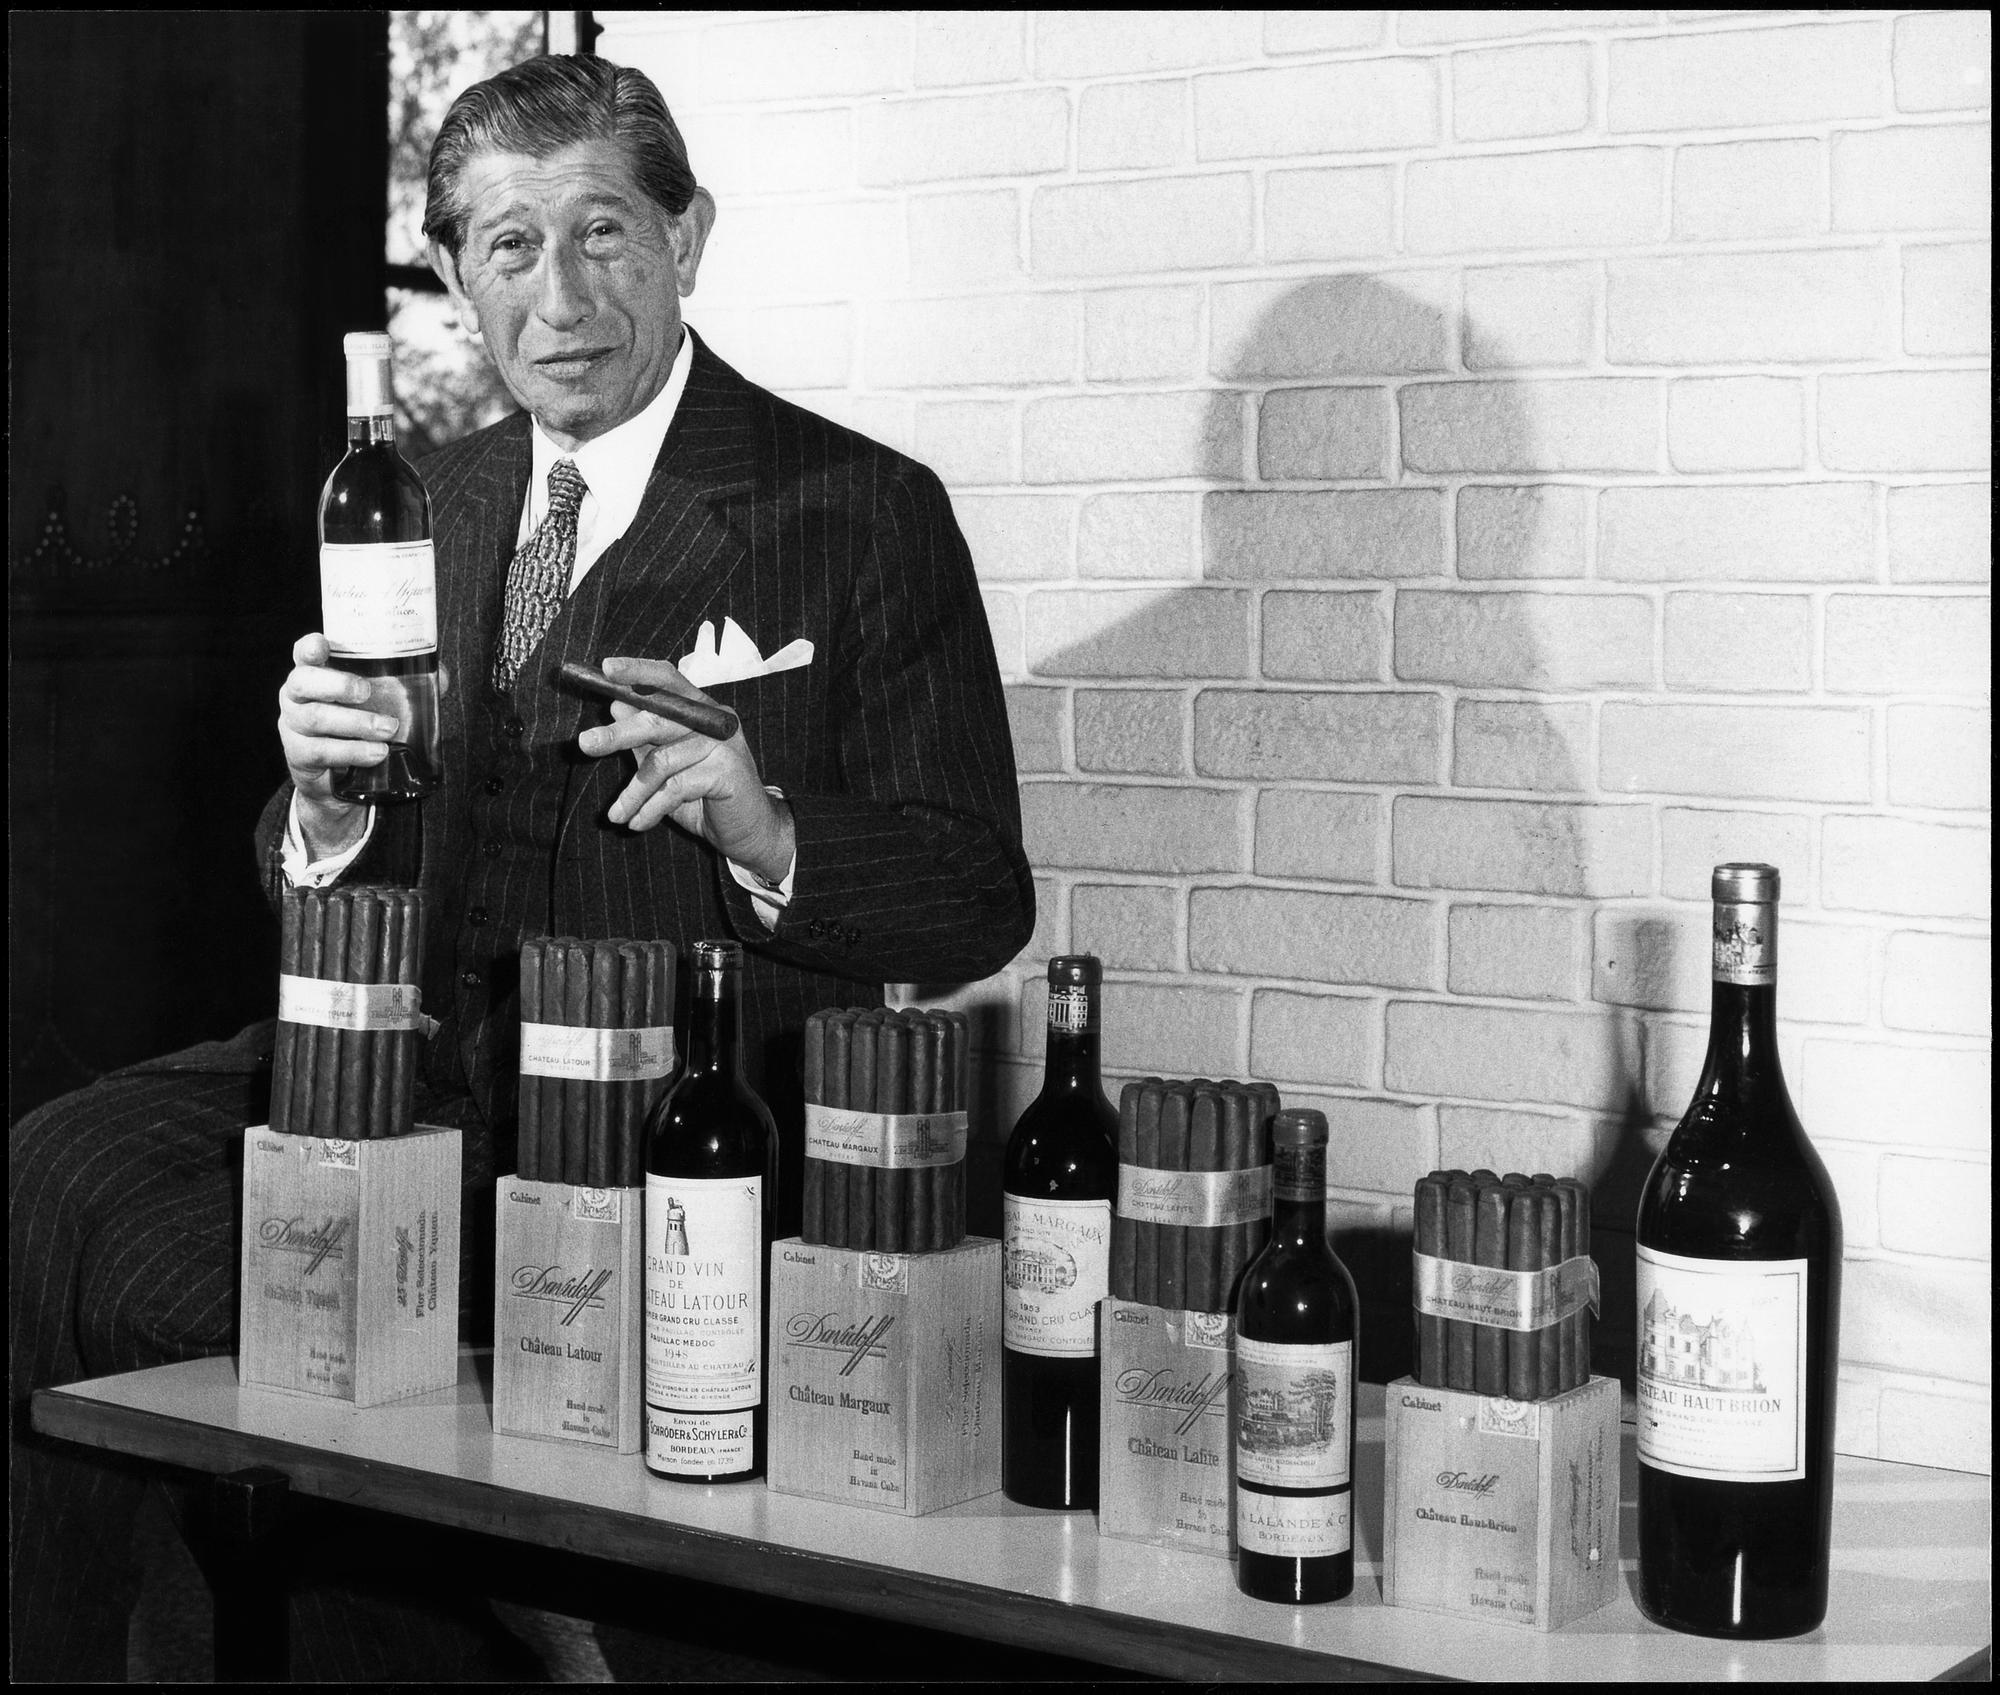 Cygaro i wino - Zino Davidoff - Davidoff Chateau